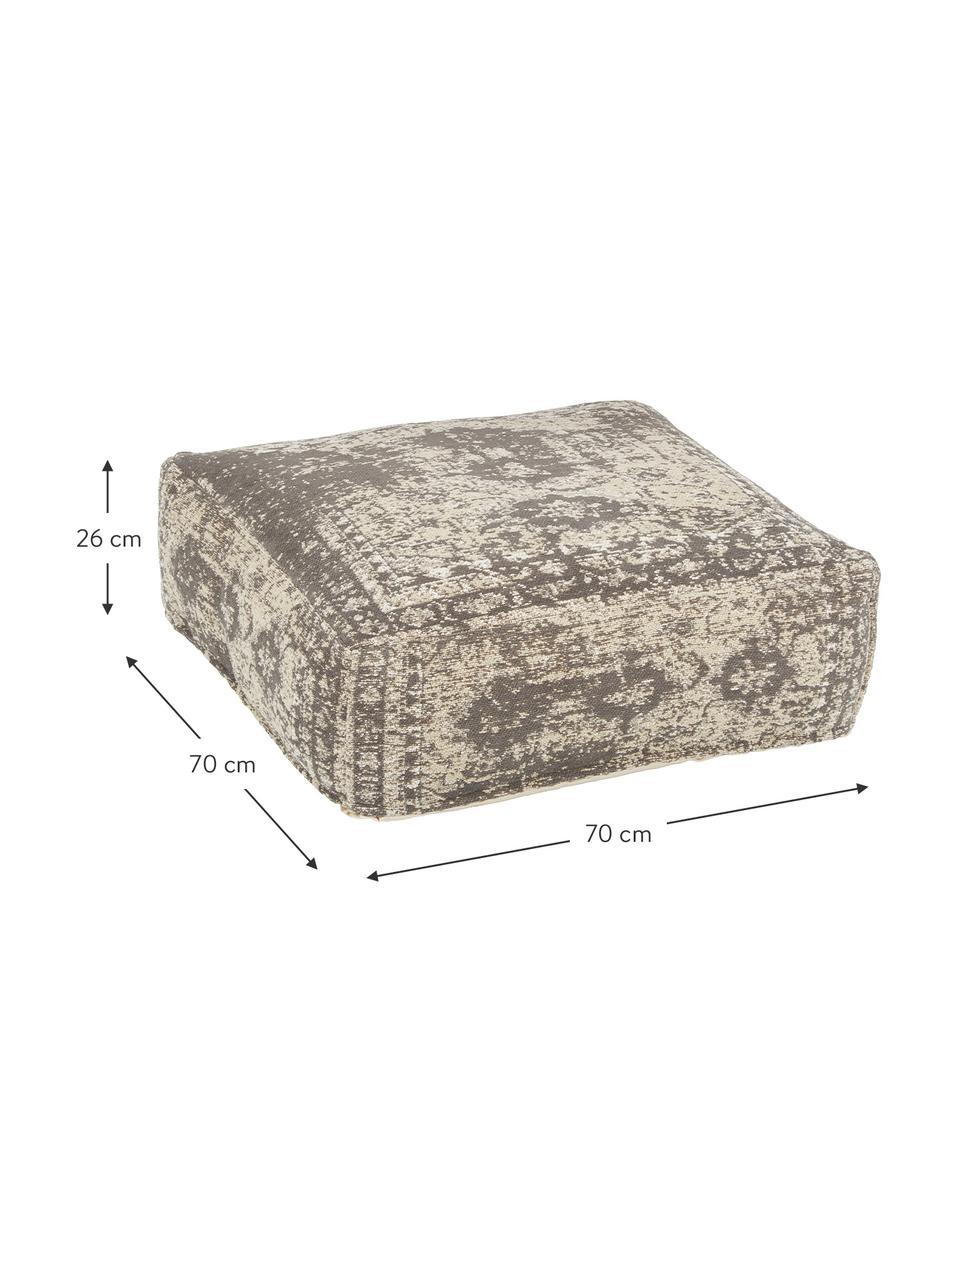 Poduszka podłogowa vintage Rebel, Tapicerka: 95% bawełna, 5% poliester, Ciemnyszary, kremowy, S 70 x W 26 cm